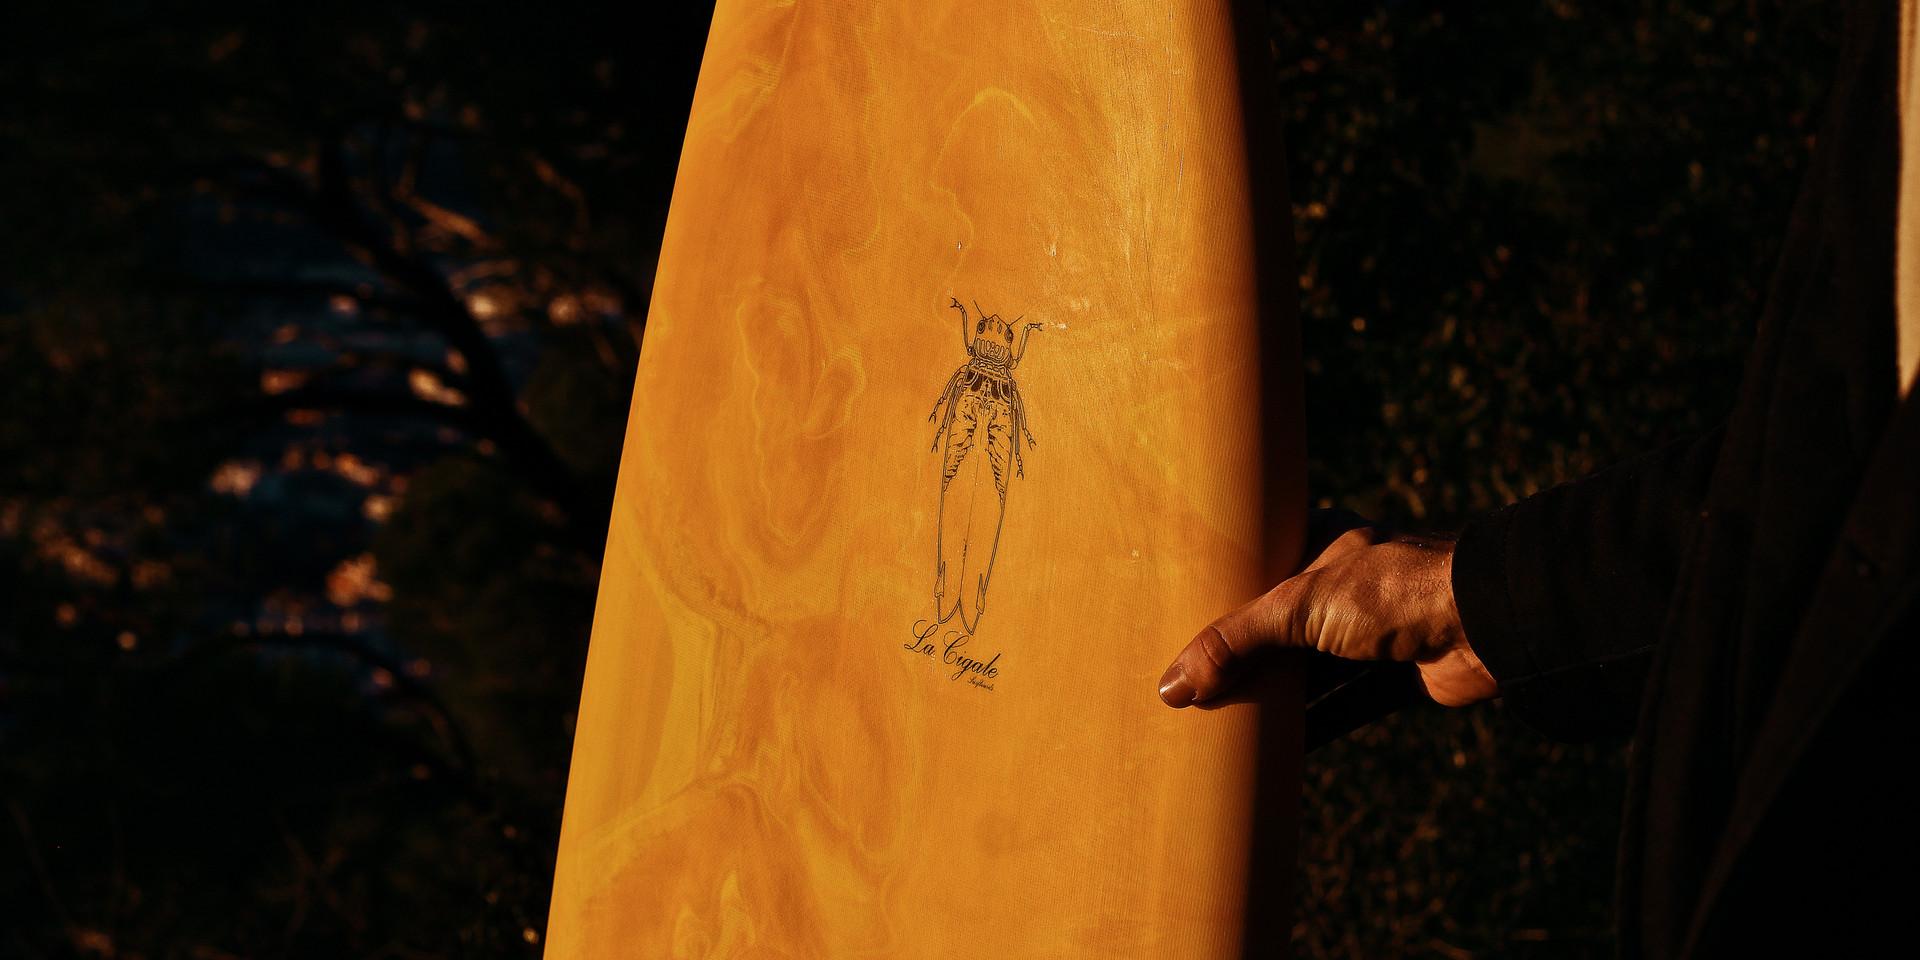 La Cigale Surfboard